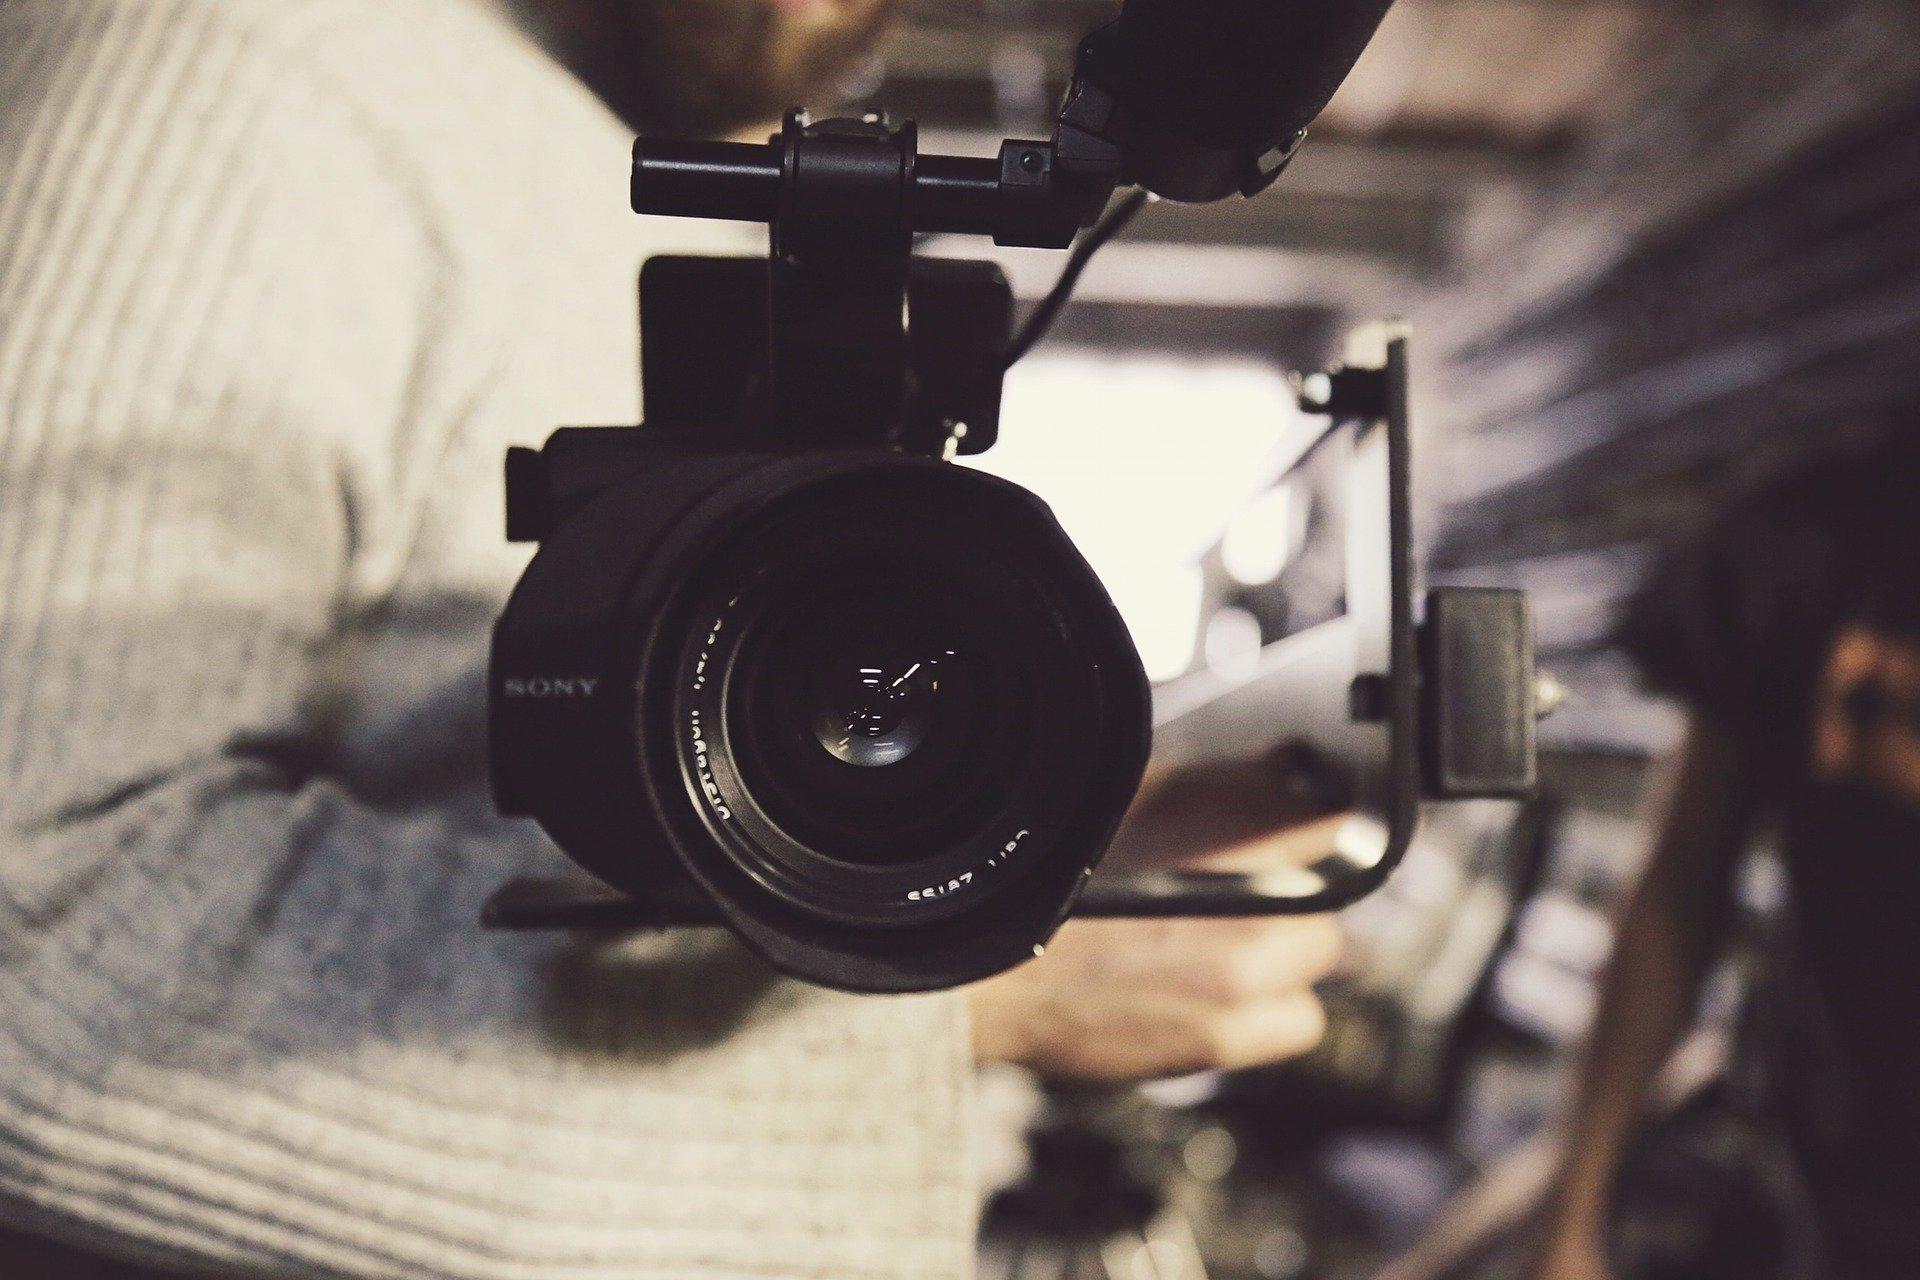 להזמין צילום וידאו או להסתפק בקליפ תקציר? לחסוך או לא לחסוך ואם כן באיזה אירוע